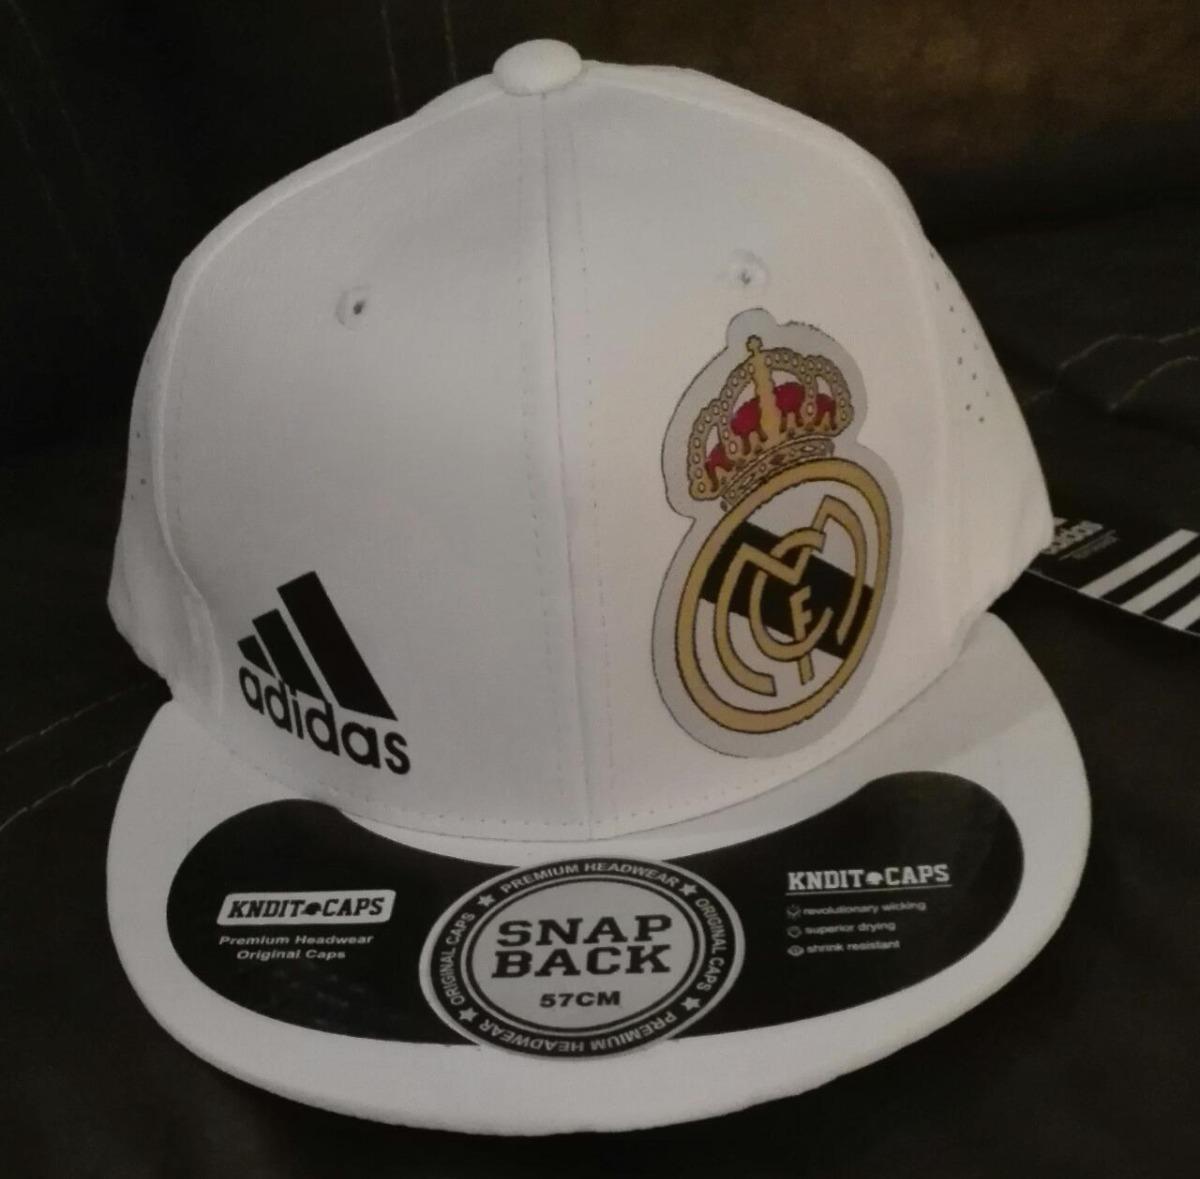 Gorra Real Madrid adidas Visera Plana -   149.00 en Mercado Libre fc4a1506488